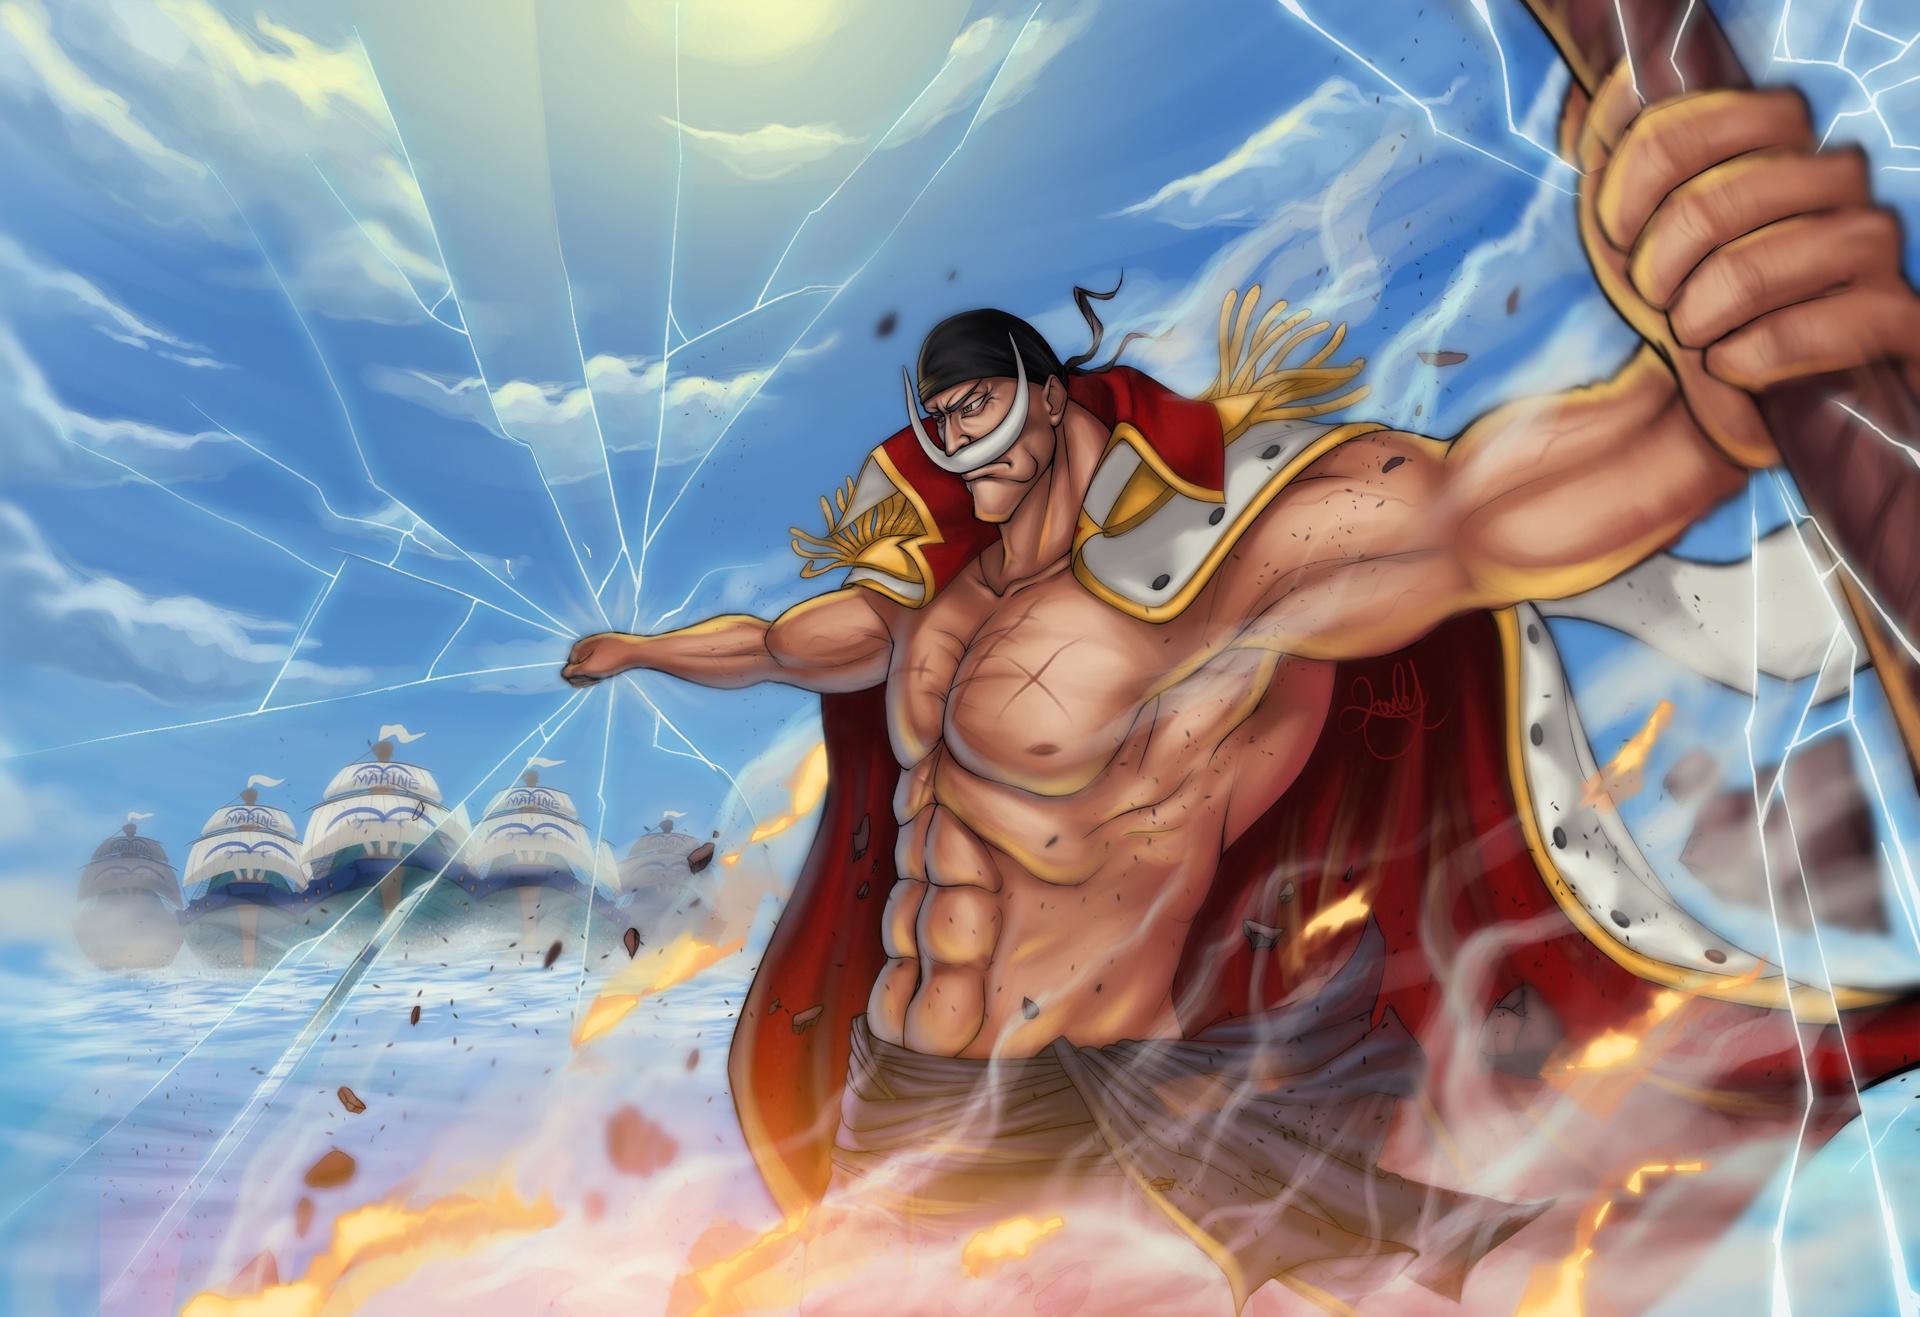 Nếu còn nhớ đến nội dung của bộ truyện tranh One Piece \u2013 Vua Hải Tặc thì chắc chắn bạn không thể quên những tình tiết vô cùng hấp dẫn trong truyện ...